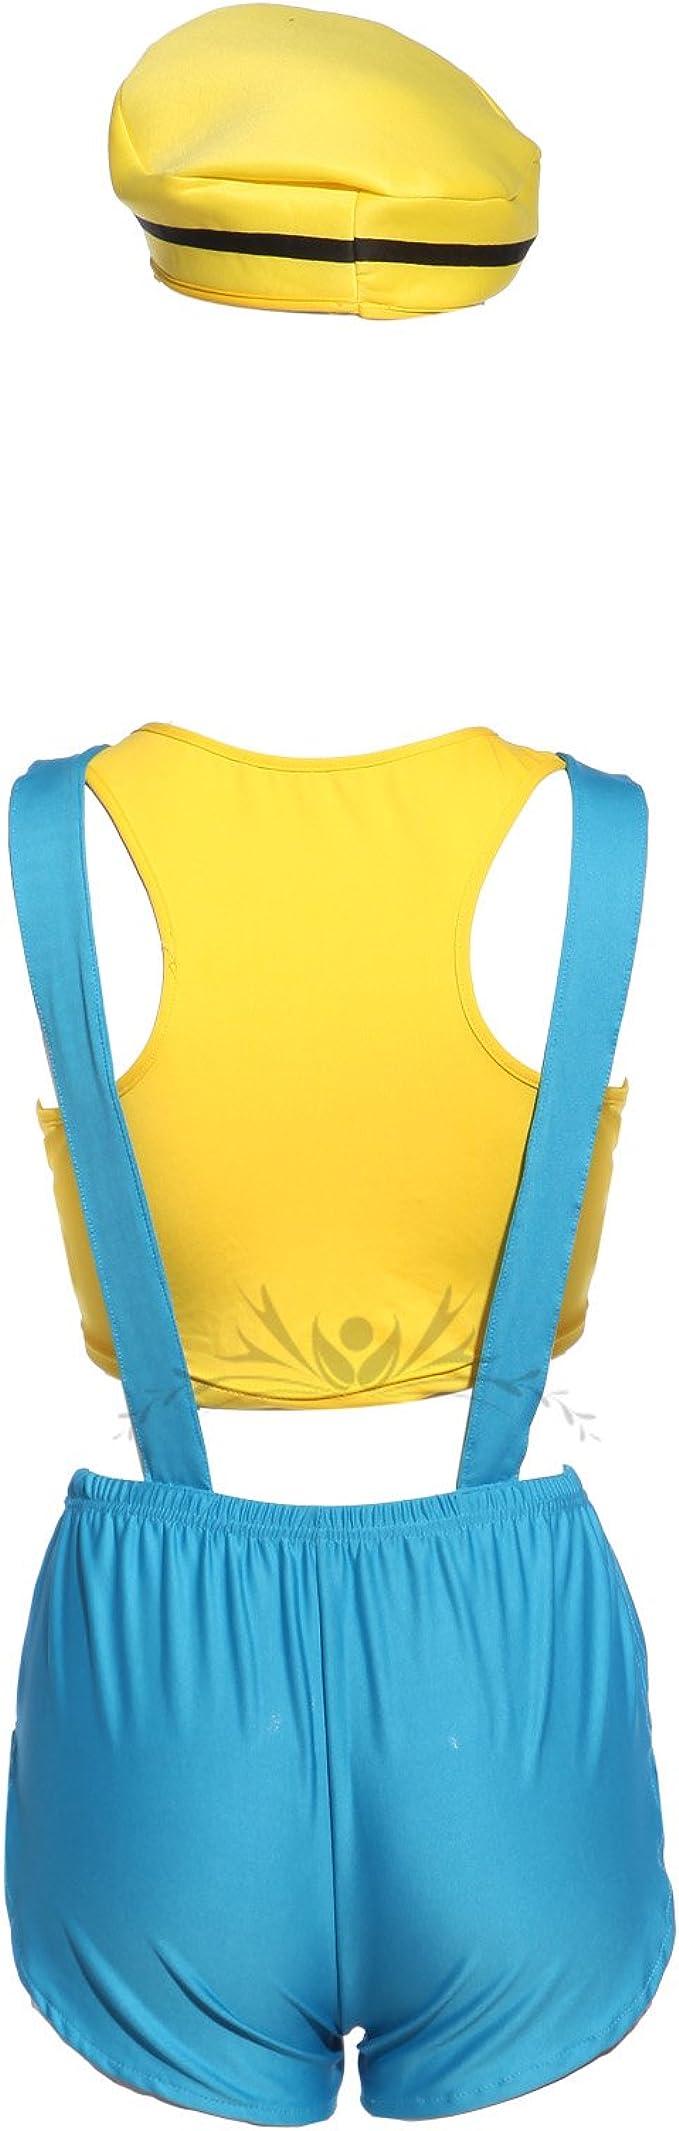 MABOOBIE - Disfraz de Minion para mujer: Amazon.es: Ropa y accesorios